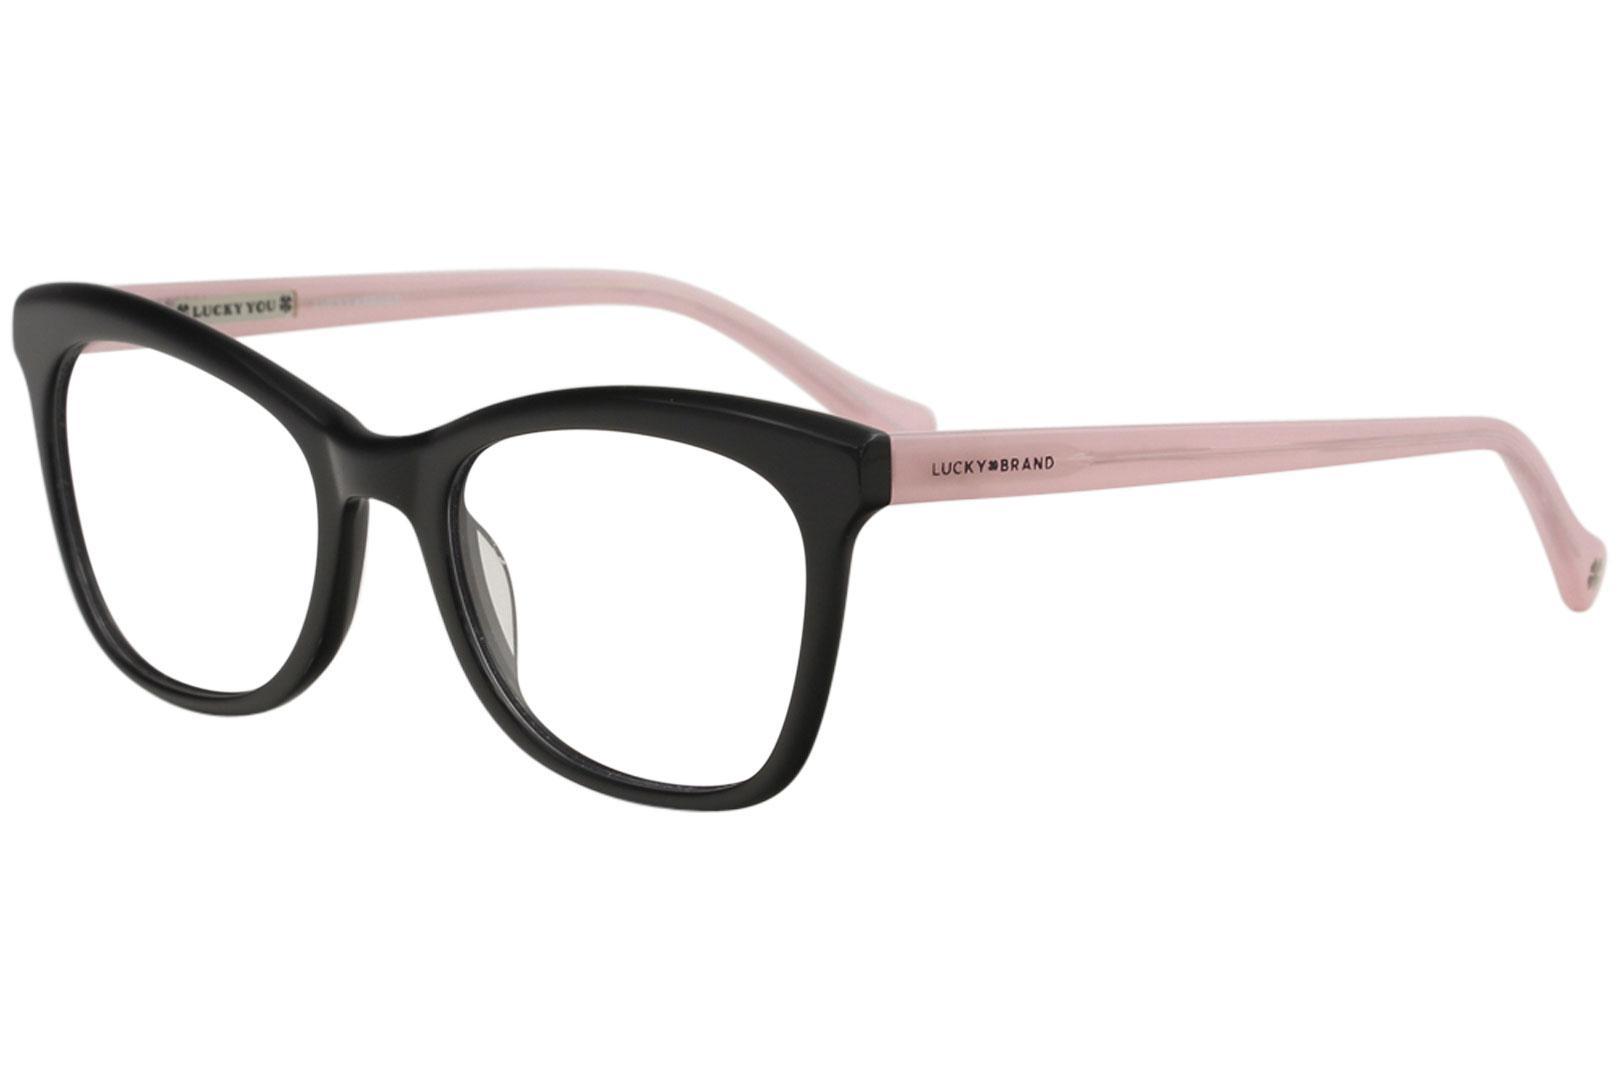 e1d9b68561f0 Lucky Brand Men s Eyeglasses D203 D 203 Full Rim Optical Frame